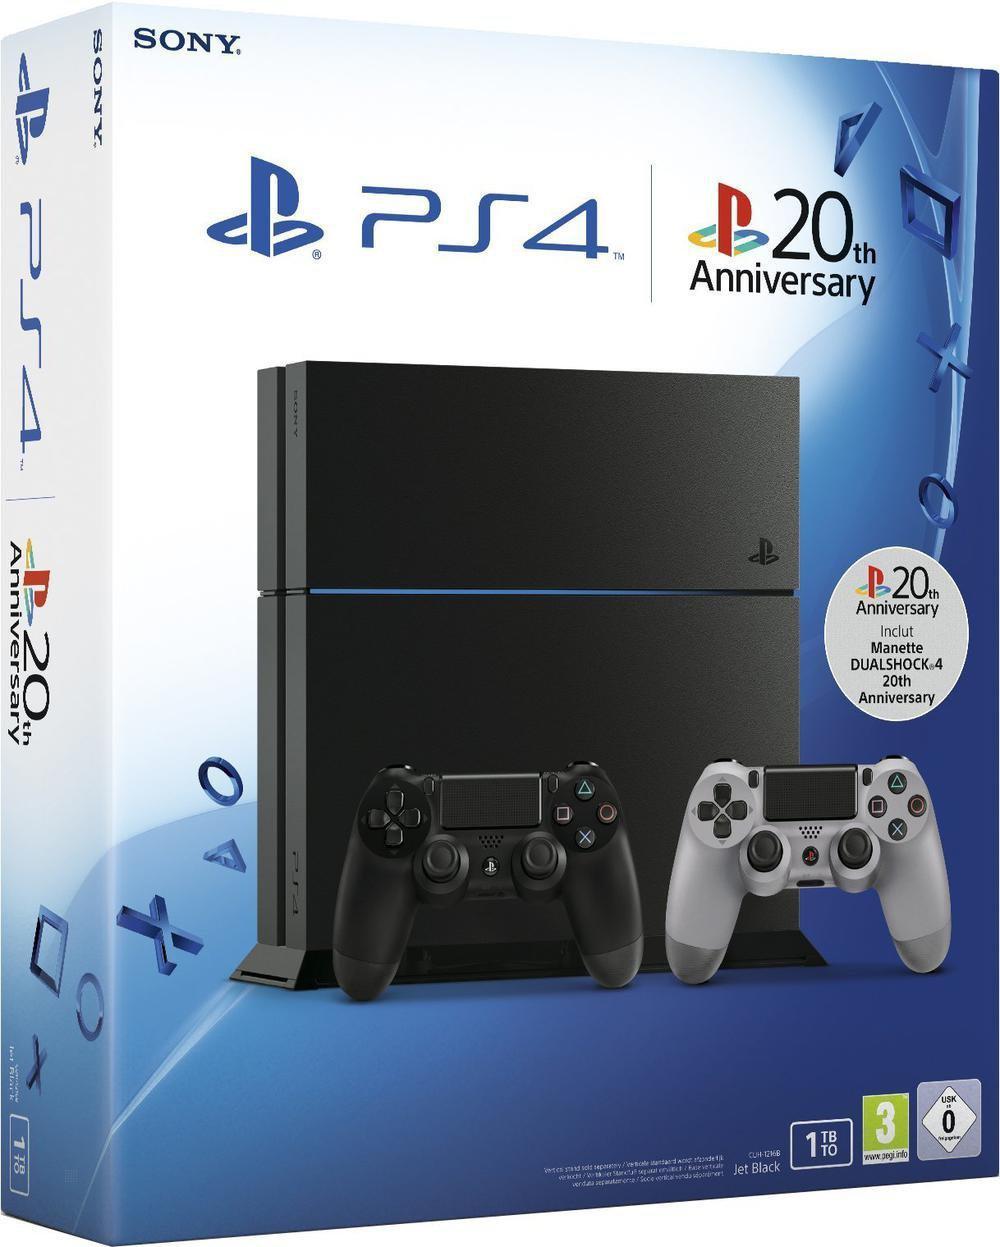 Console PS4 1 To + Uncharted Collection + 2ème Manette Dual Shock 20ème anniversaire + 1 porte-clefs + livre Playstation Anthology